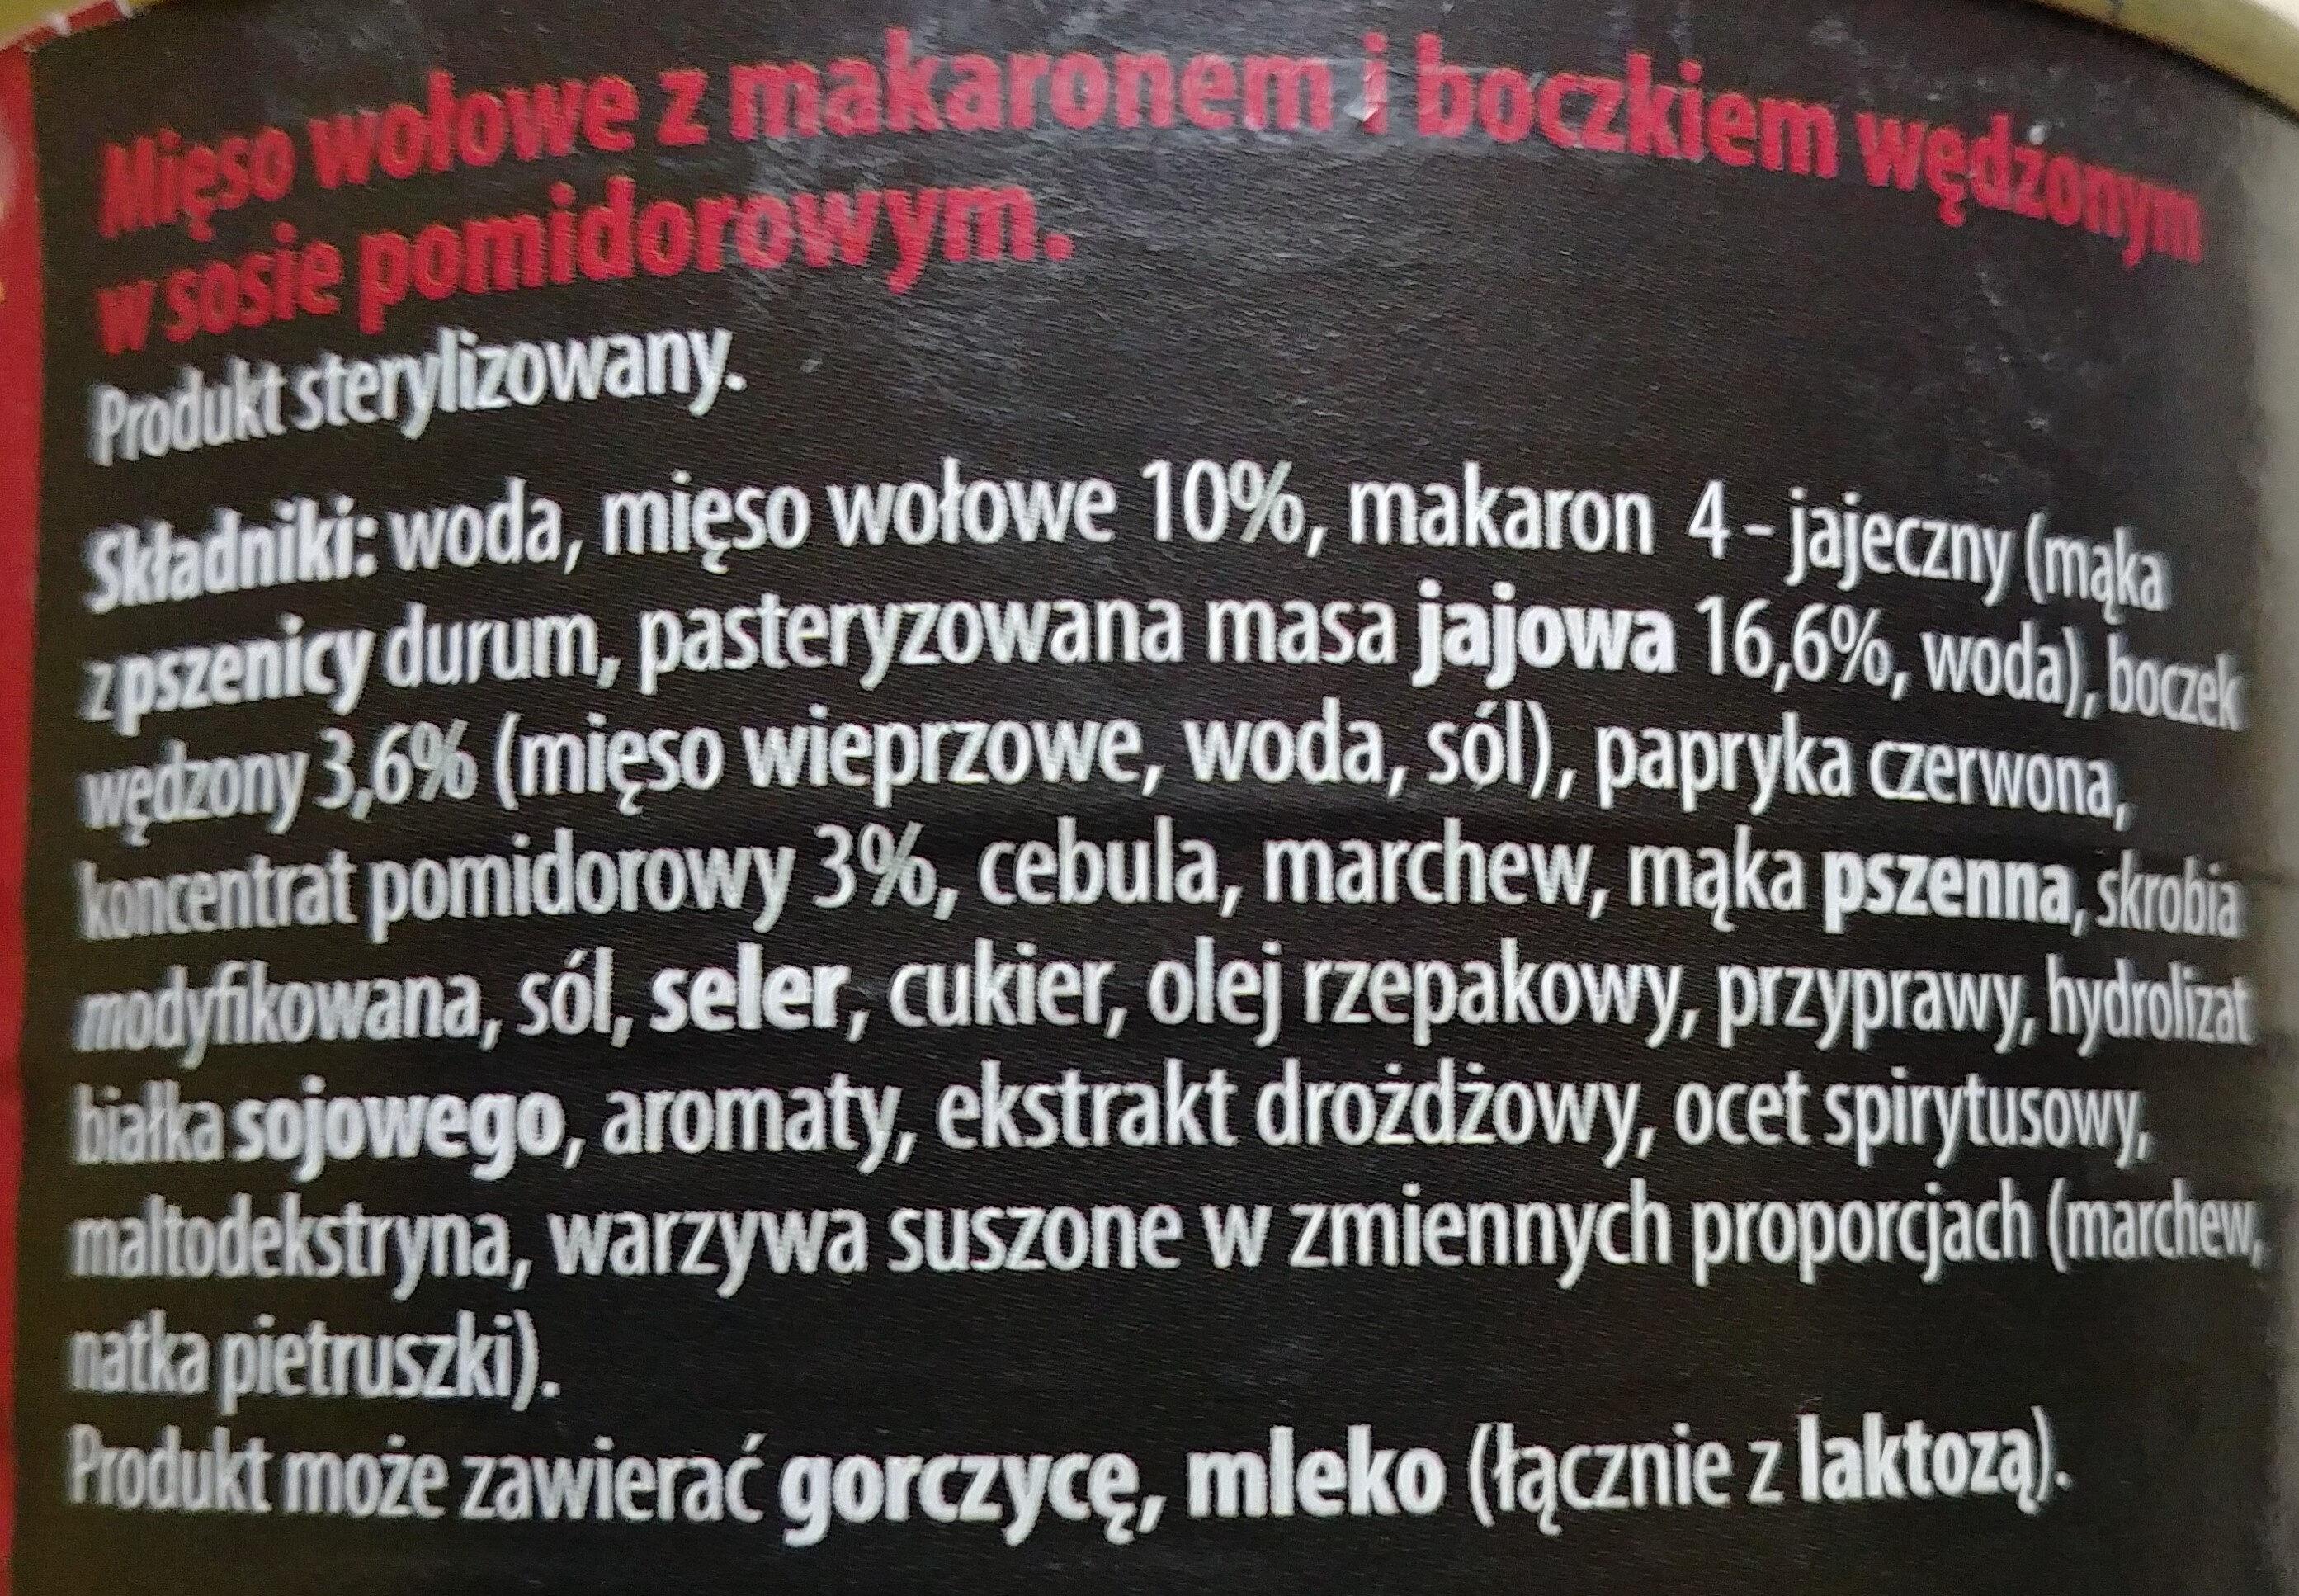 Mięso wołowe z makaronem i boczkiem wędzonym w sosie pomidorowym - Składniki - pl